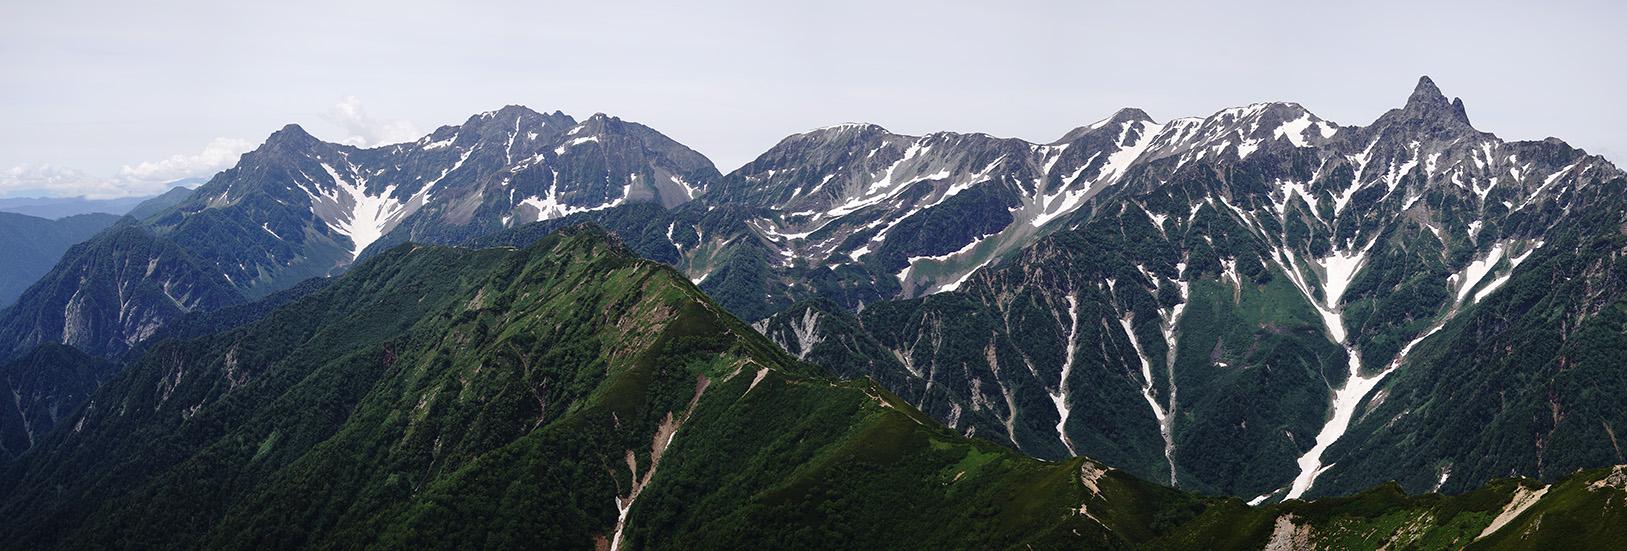 行くぜ、大天井岳!インディアン・ランチへの道 _f0016656_2305674.jpg